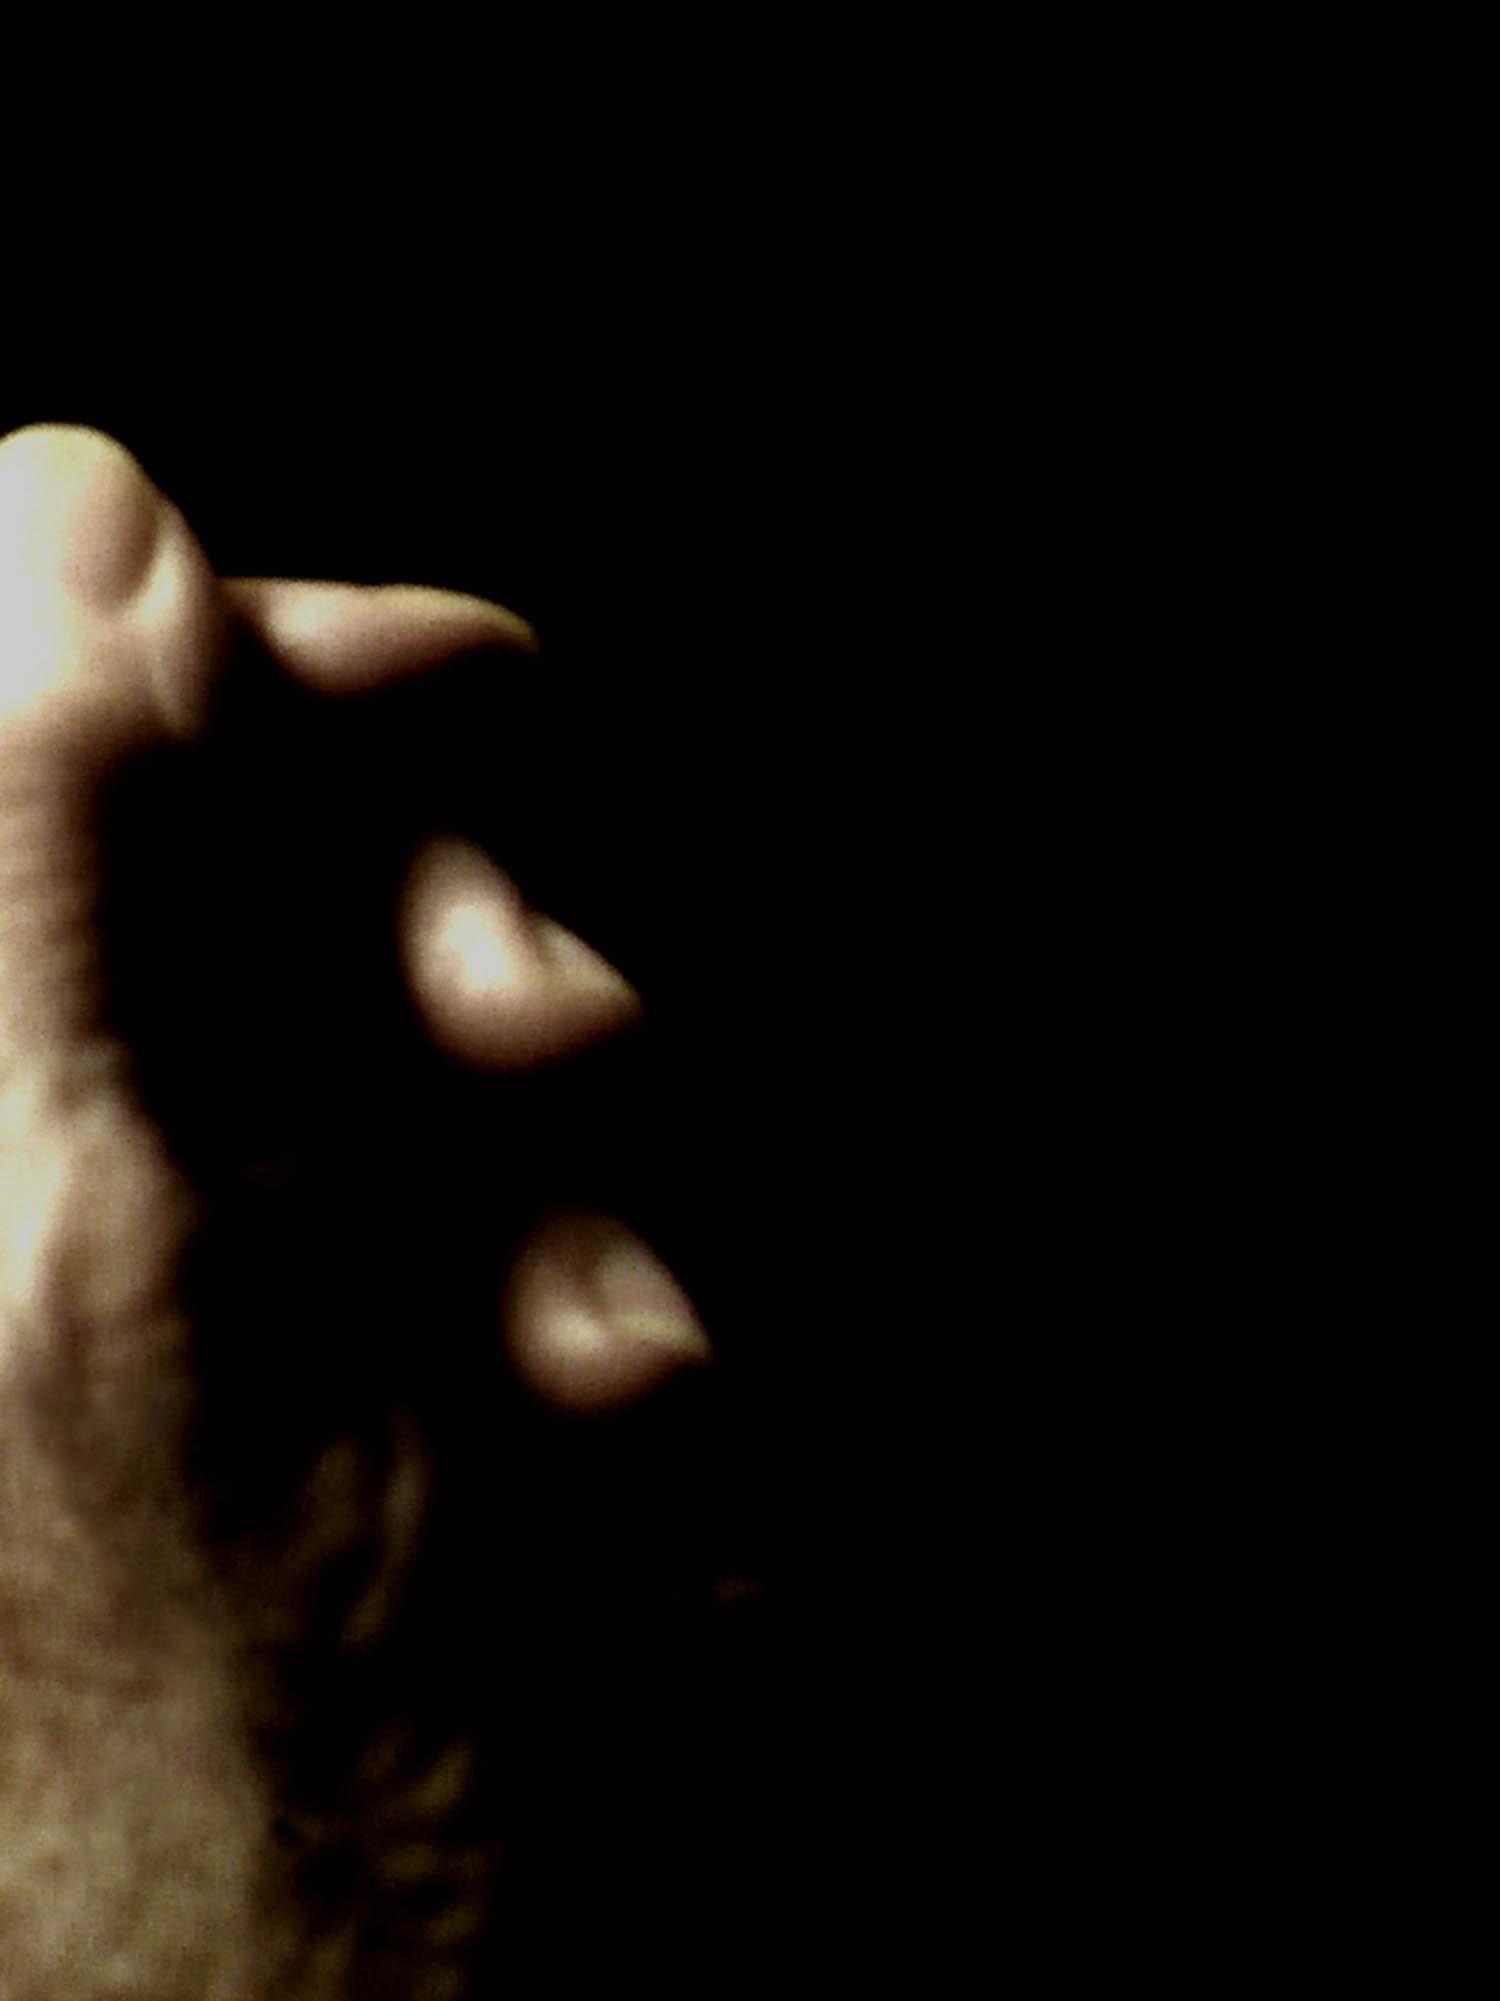 Nan Hoover Gestures No.6 2008